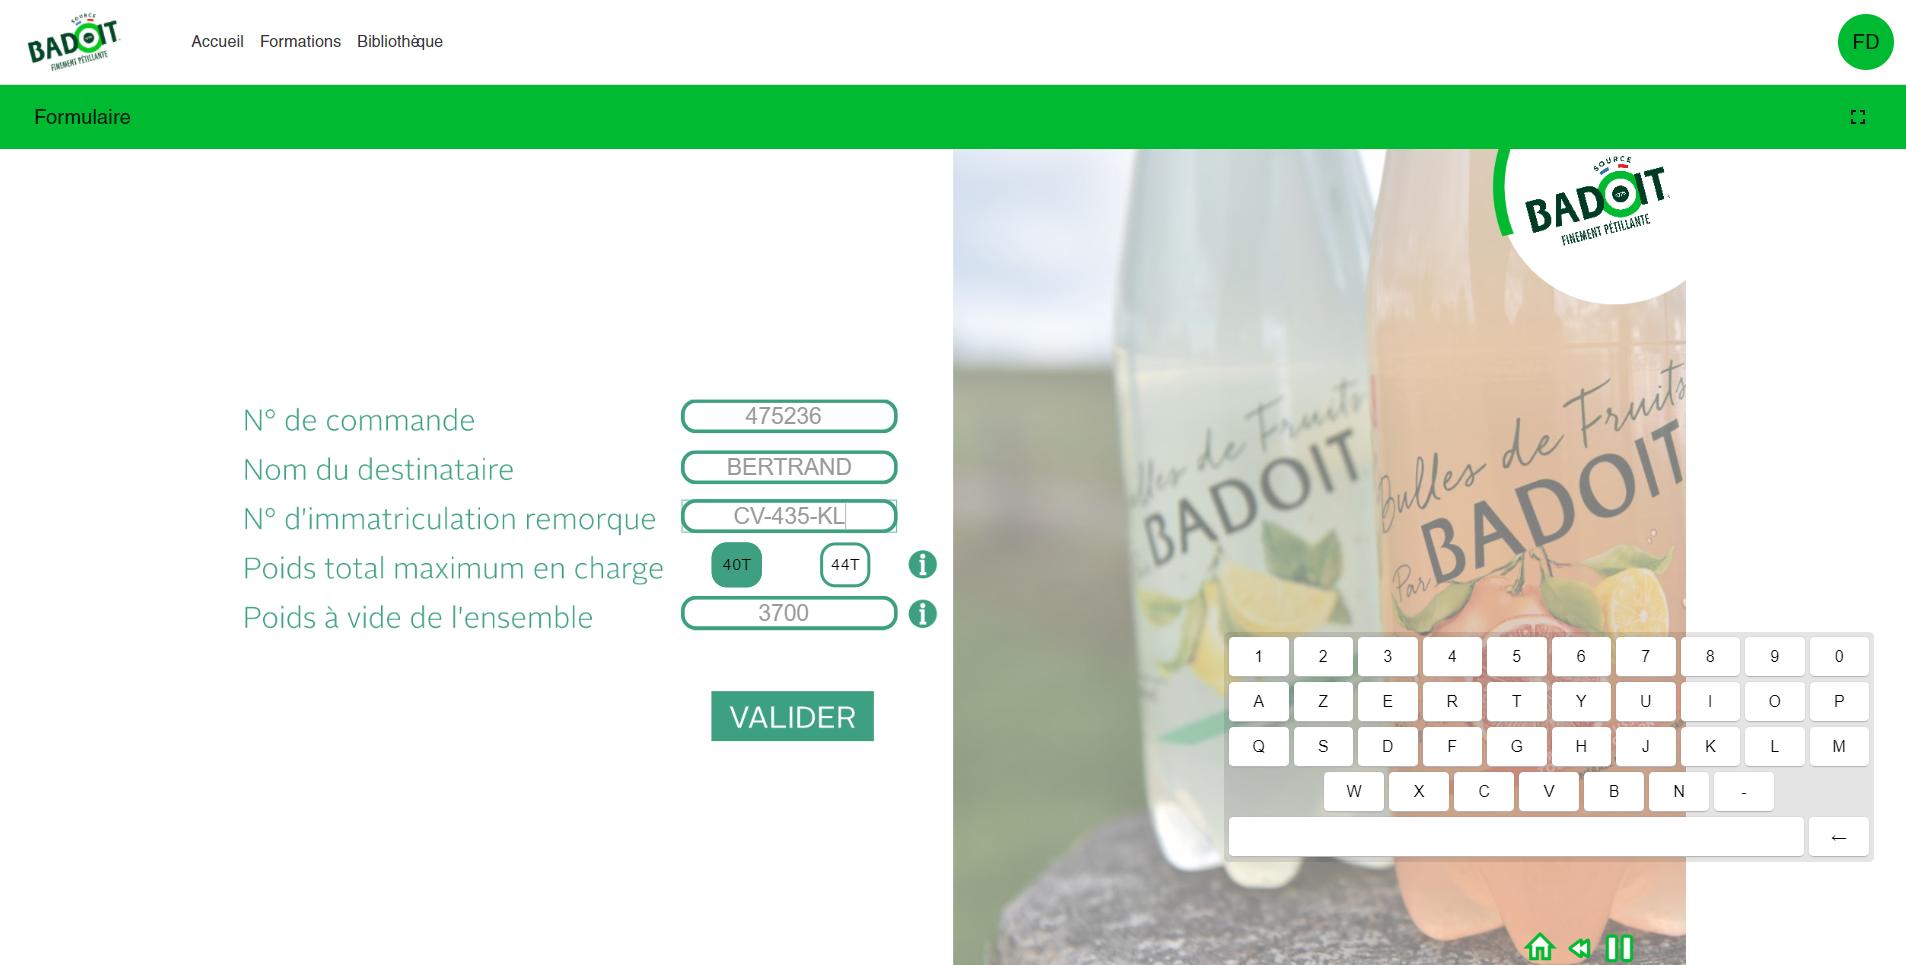 Cas client Badoit : protocole transporteur l Didactum